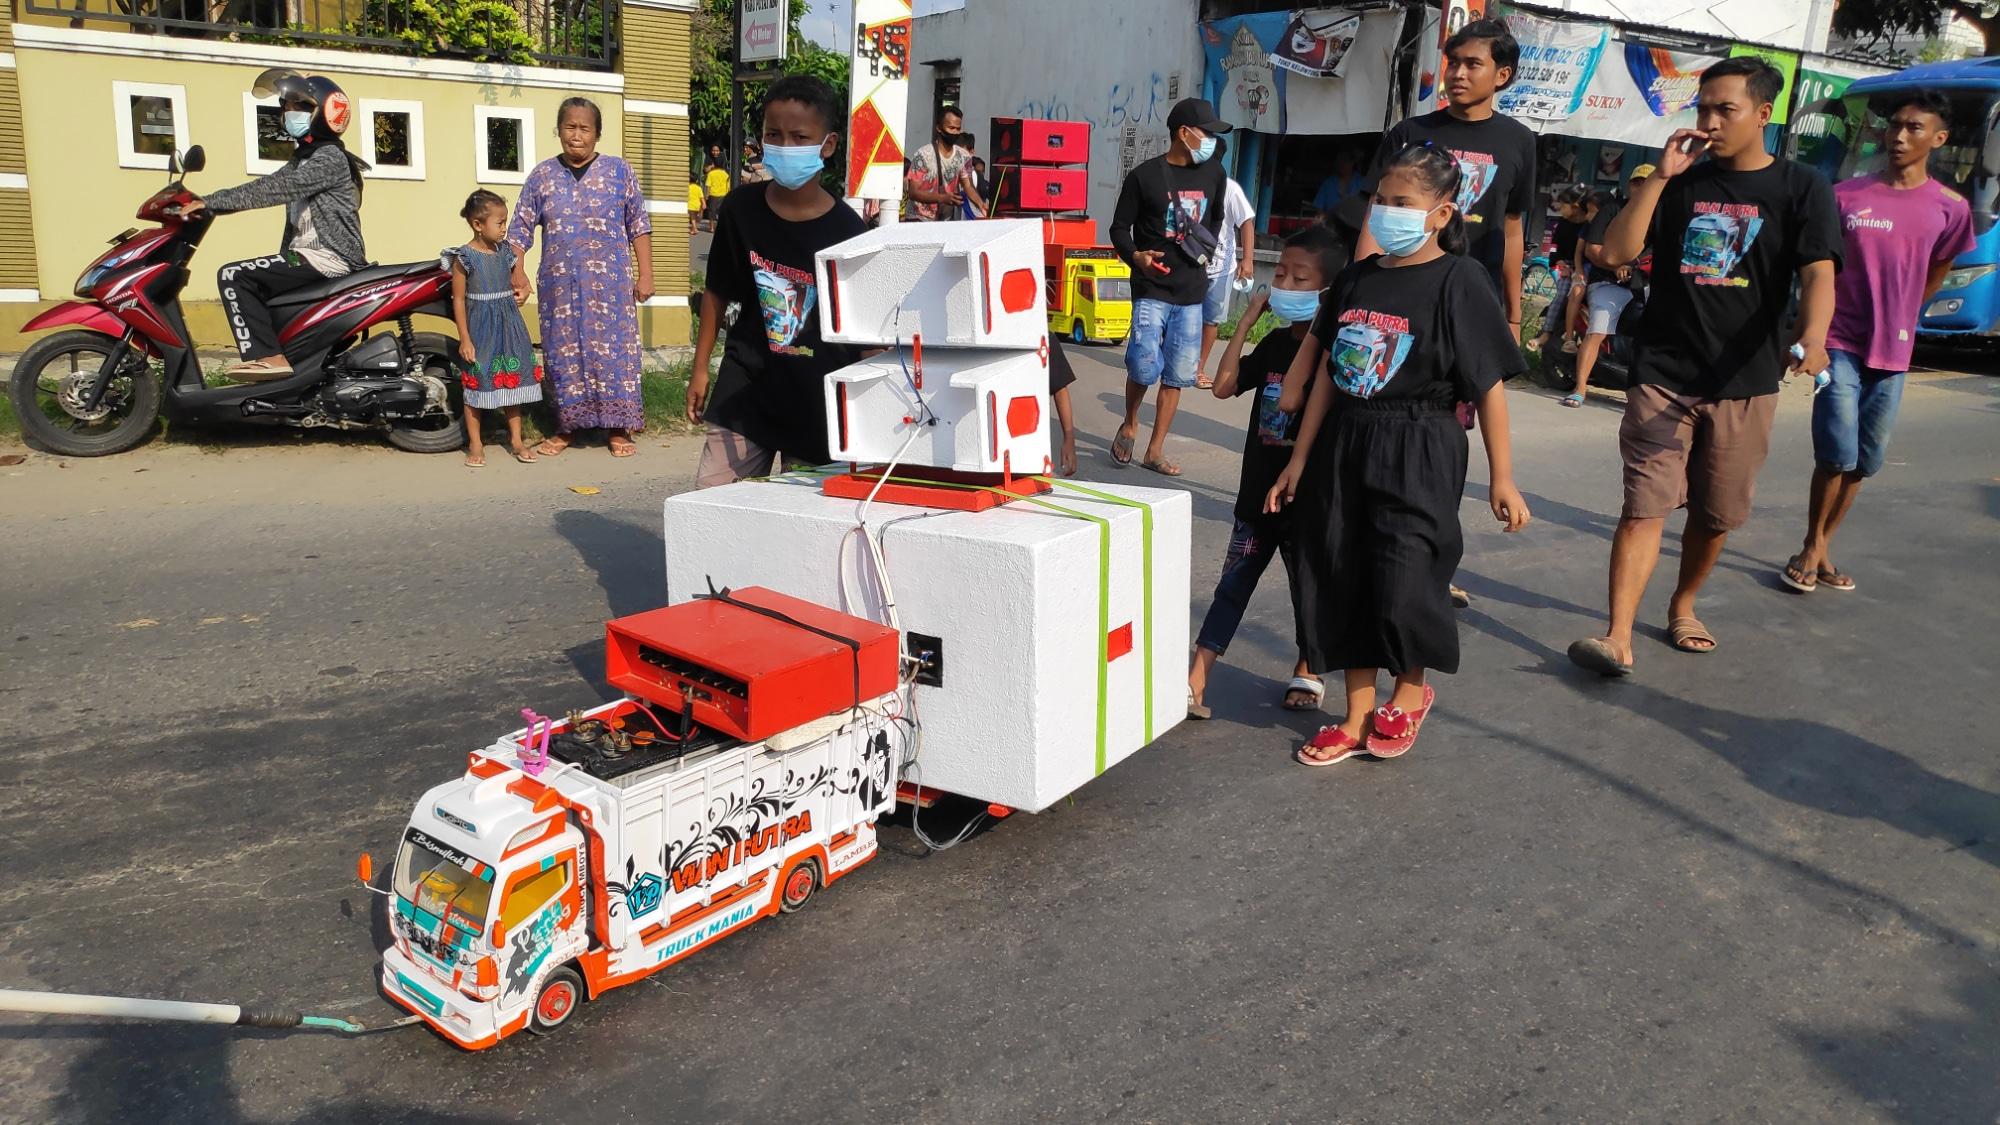 Mainan Truk di Rembang Didandani Layaknya Truk Pawai Karnaval